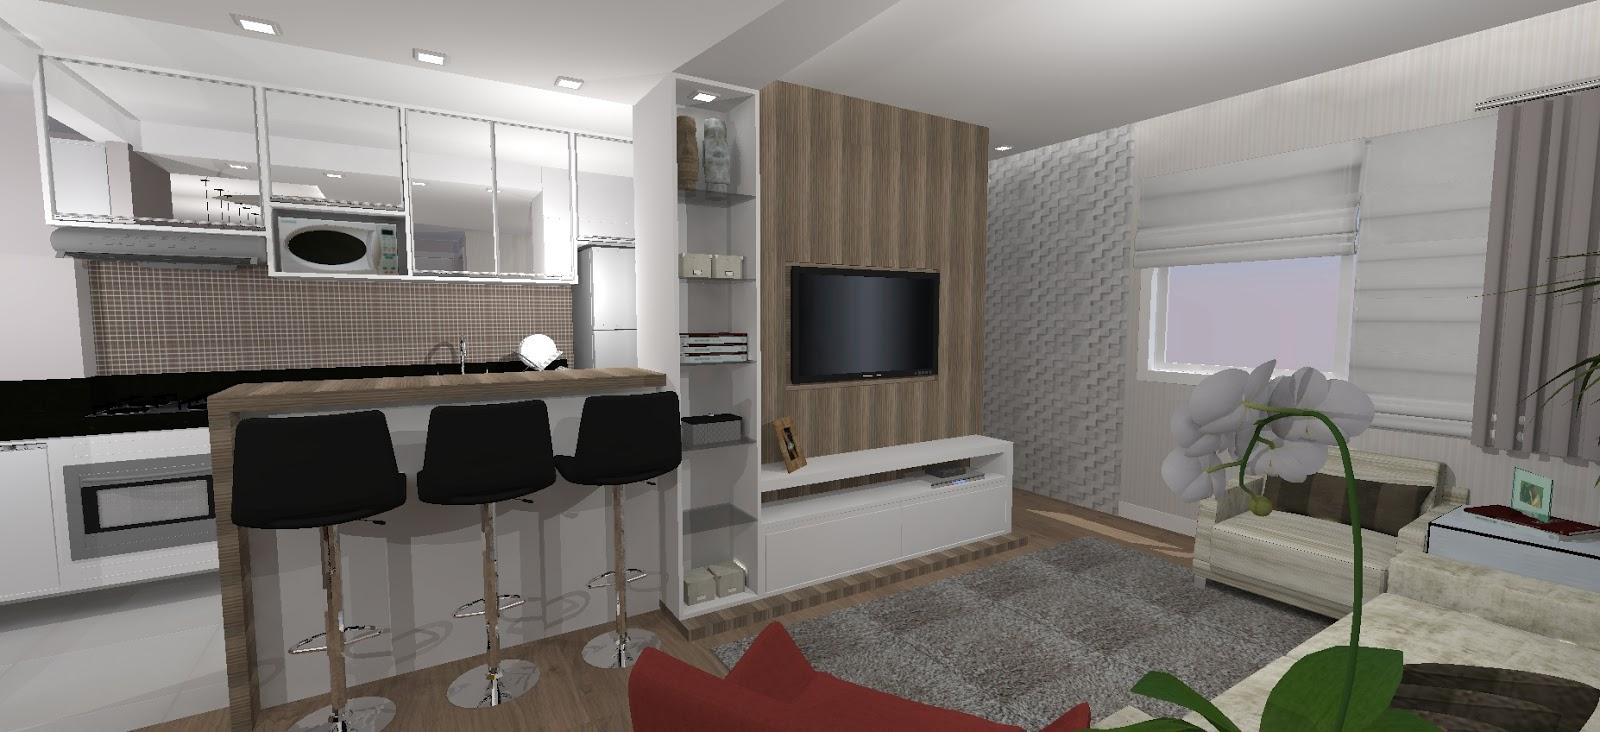 Sala De Jantar Com Sala De Tv ~  Arquitetas Associadas Sala de TV, Sala de Jantar e cozinha integrada